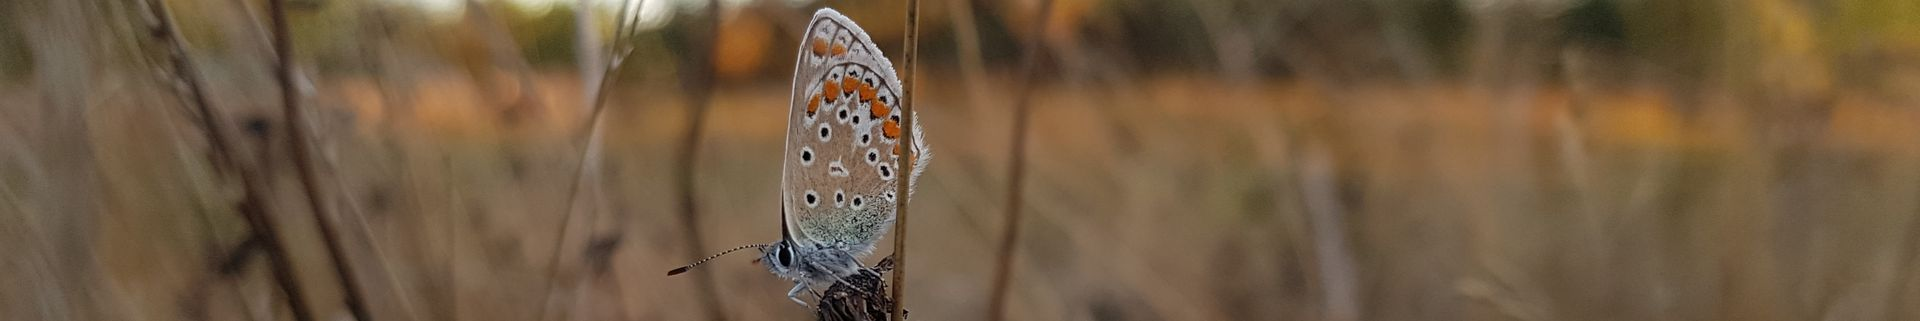 Grands emplacements spacieux - Le Rêve - Papillon